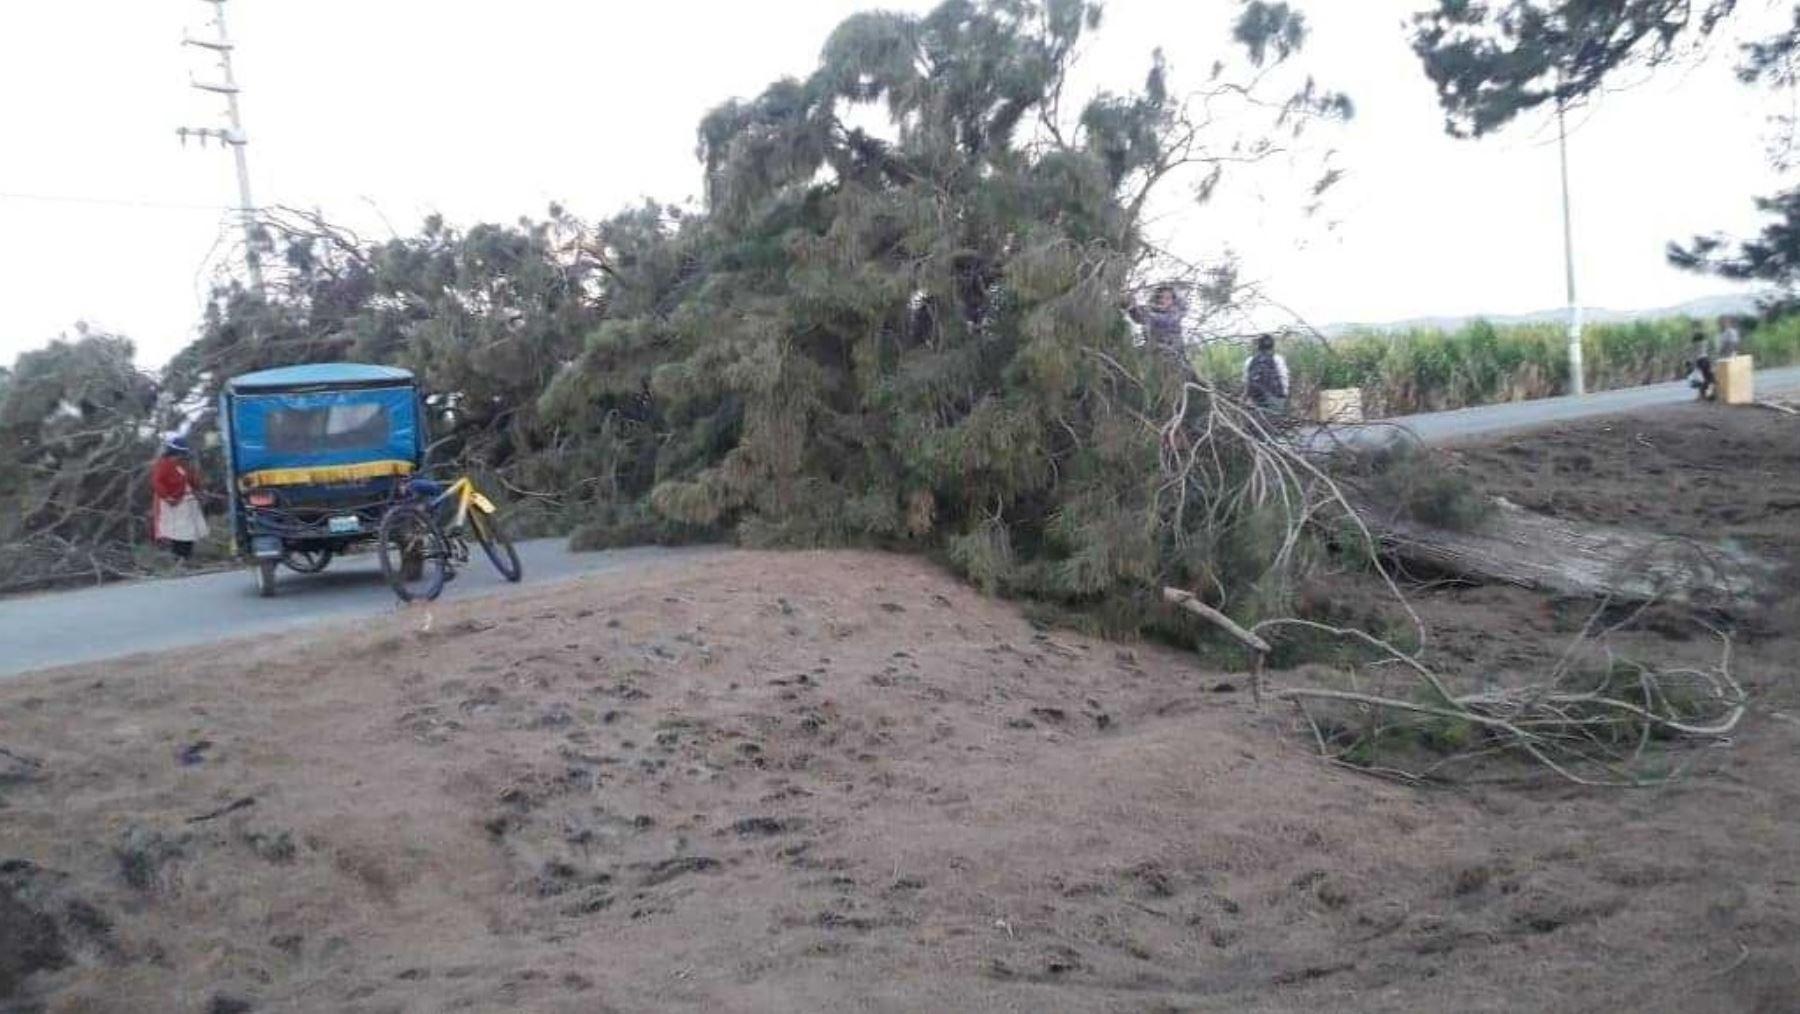 Los fuertes vientos que se vienen presentado en la región Áncash, provocaron la caída de un pesado árbol en el distrito de Samanco, provincia del Santa, informaron las autoridades locales.